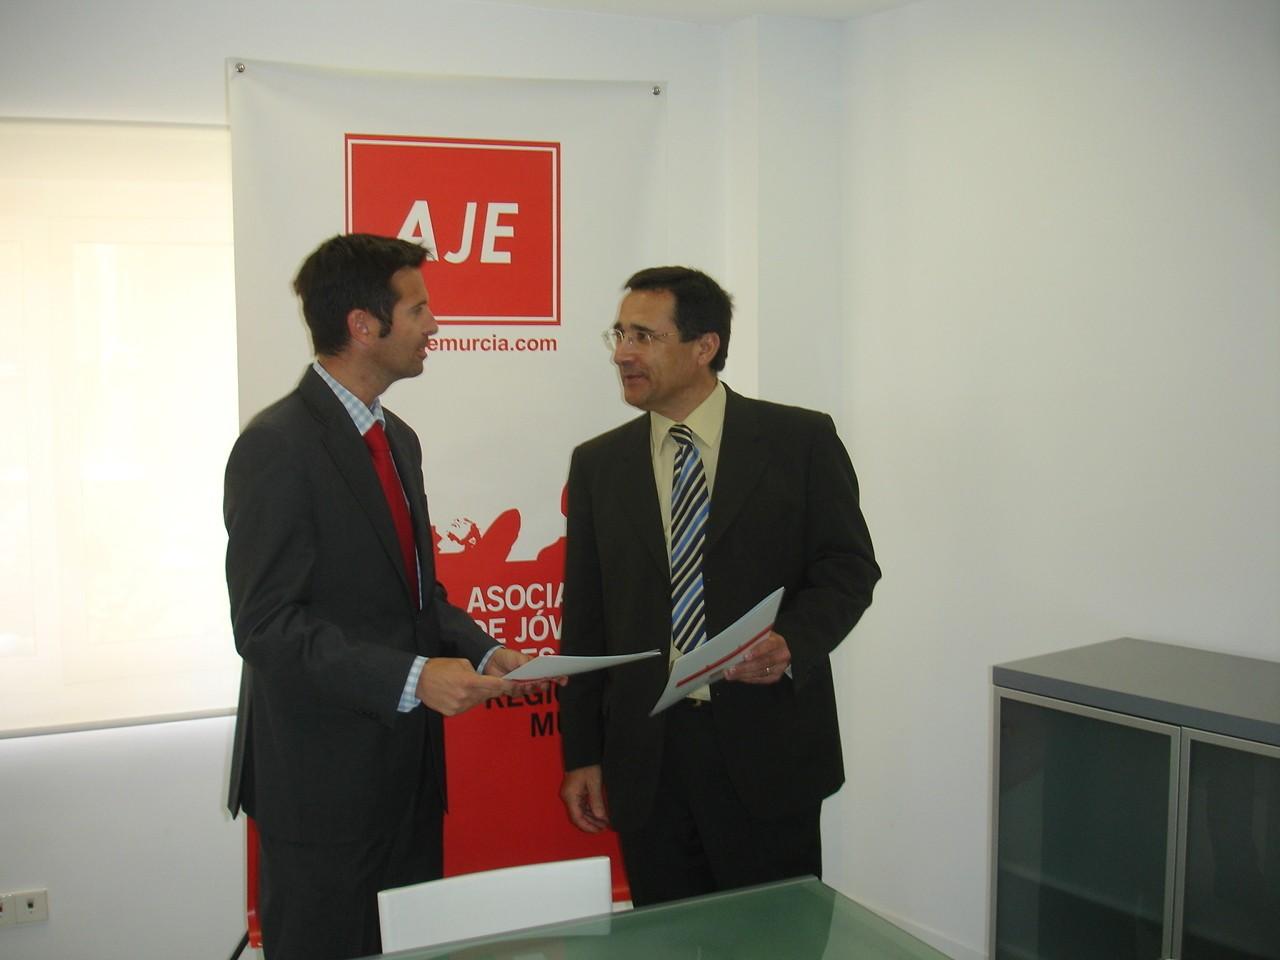 Cátedra Emprendedores y Aje Murcia (1)